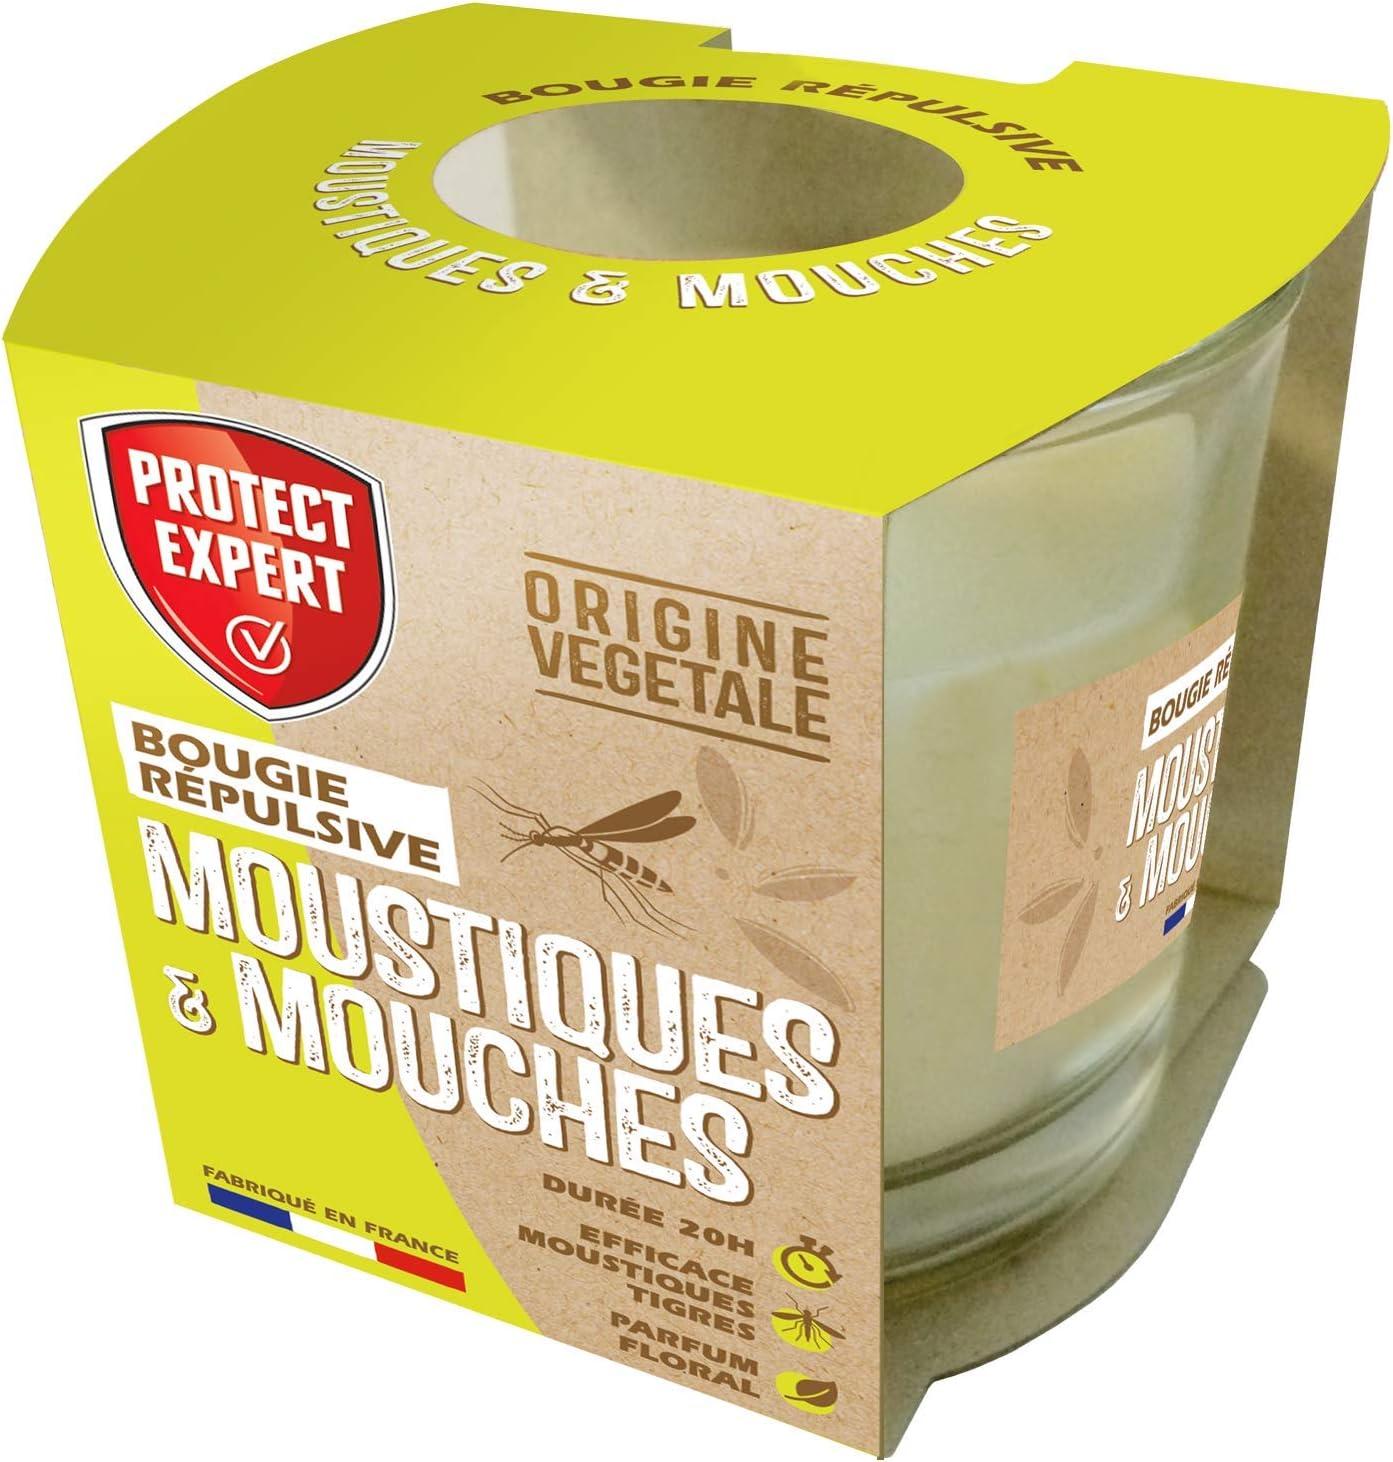 PROTECT EXPERT BOUGNAT Mosquitos y Moscas geraniol Vela Repelente 90 g Duración 20 h Perfume Floral, Fabricado en Francia